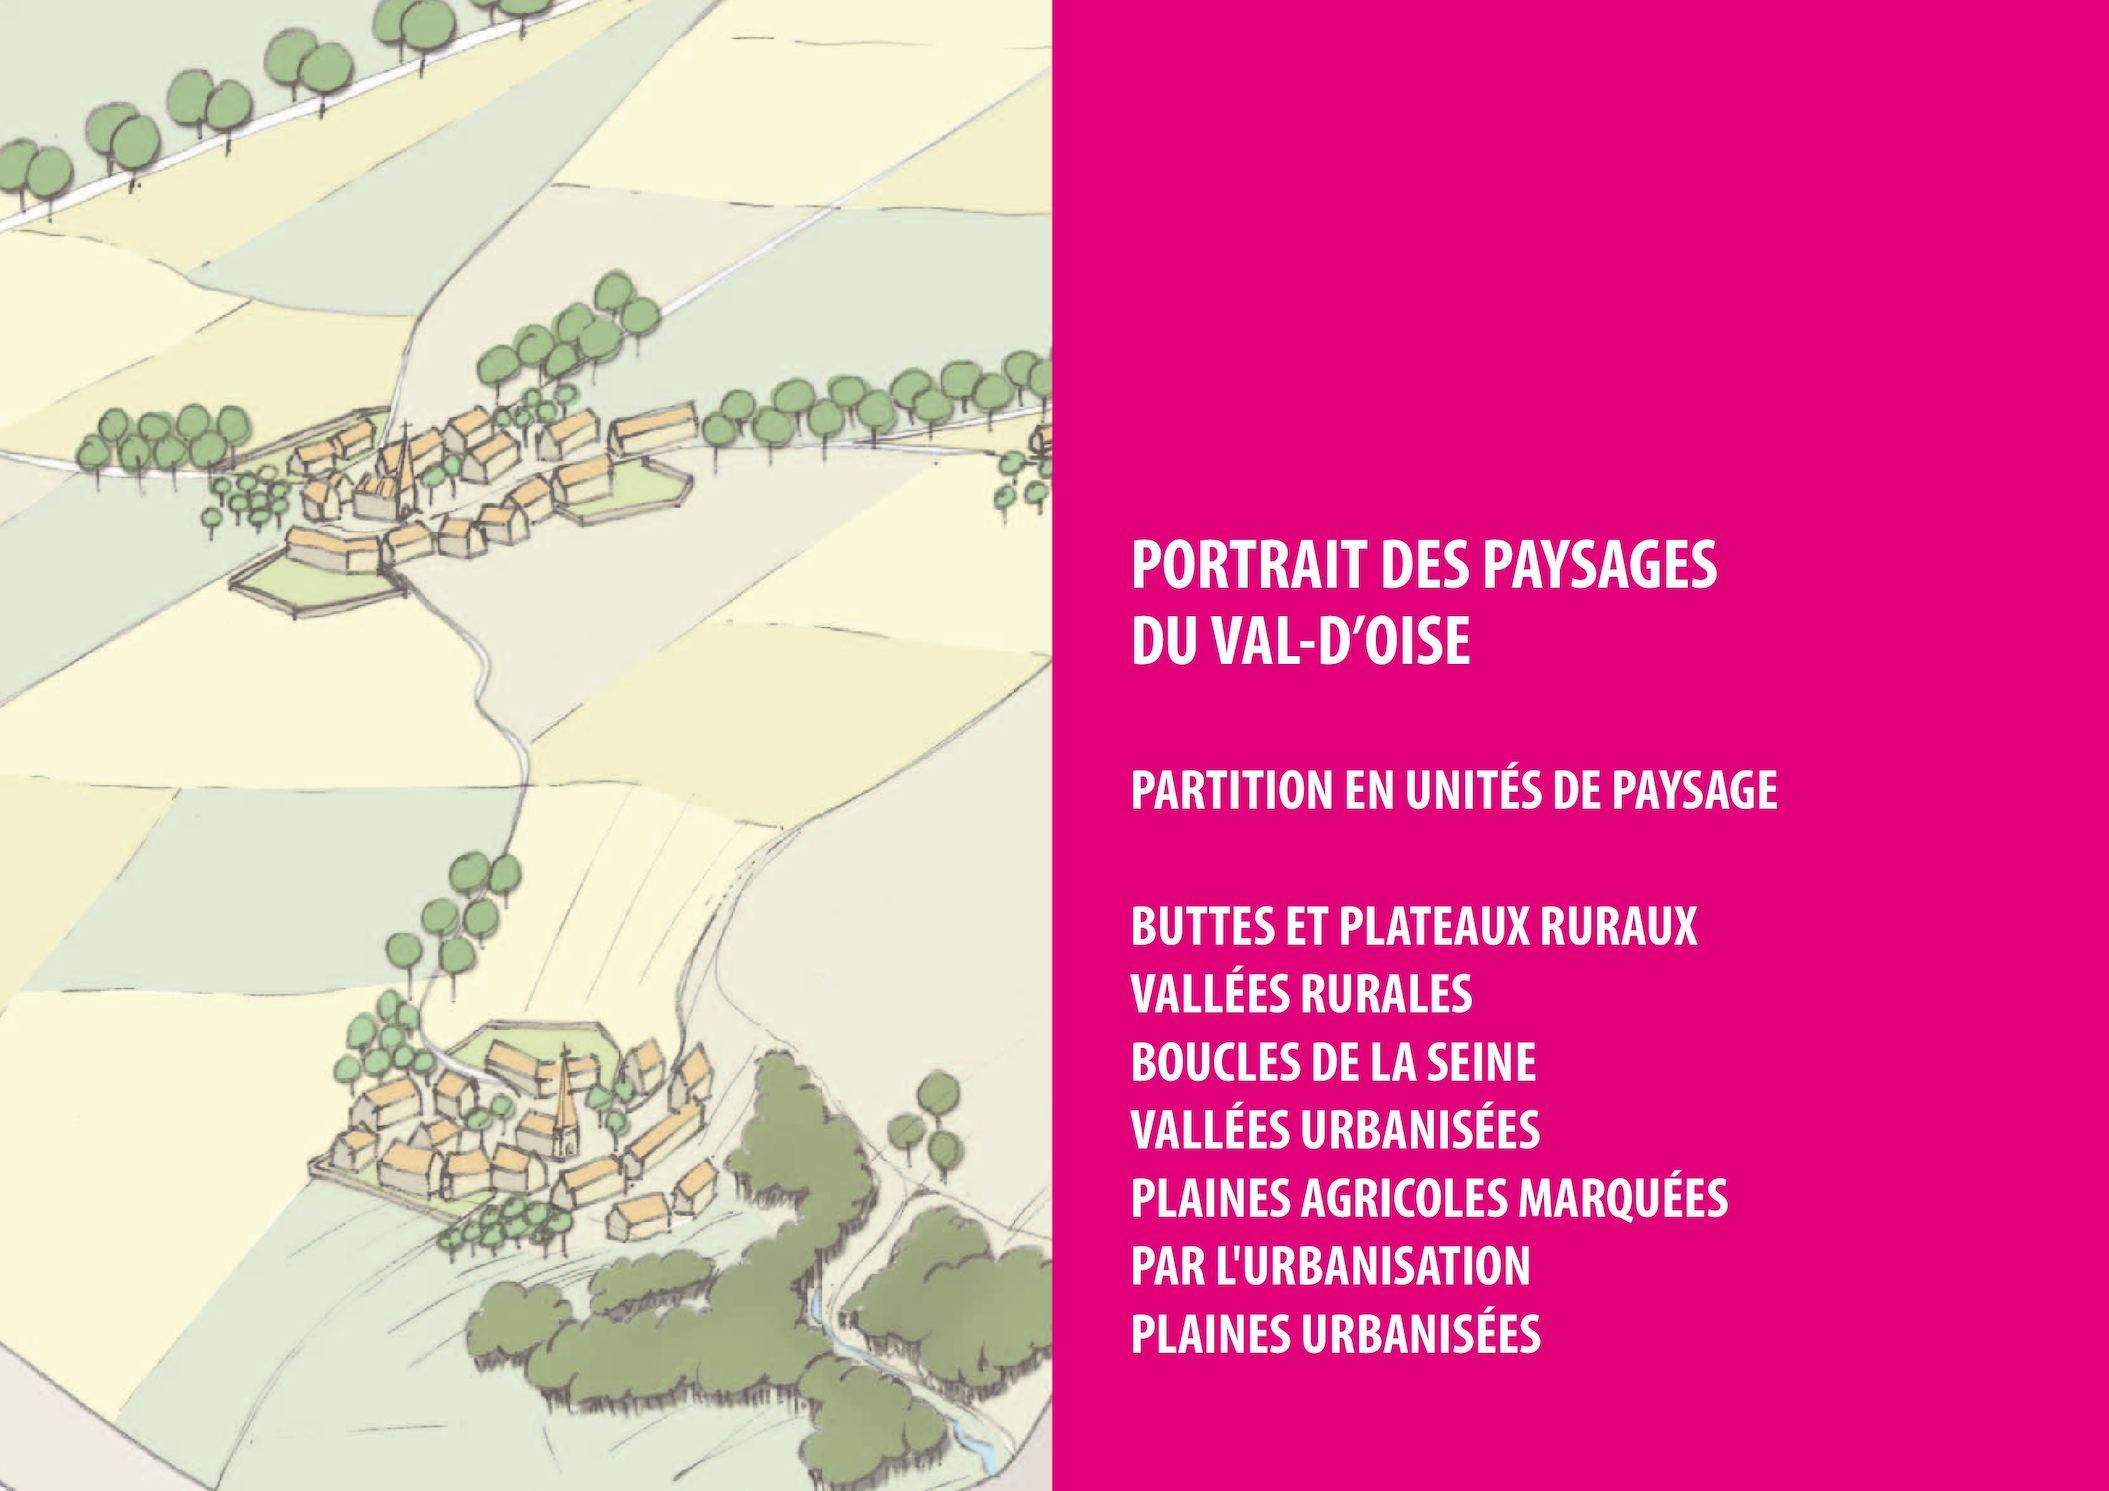 Horticulteur Val D Oise calaméo - atlas des paysages i portraits des paysages du val